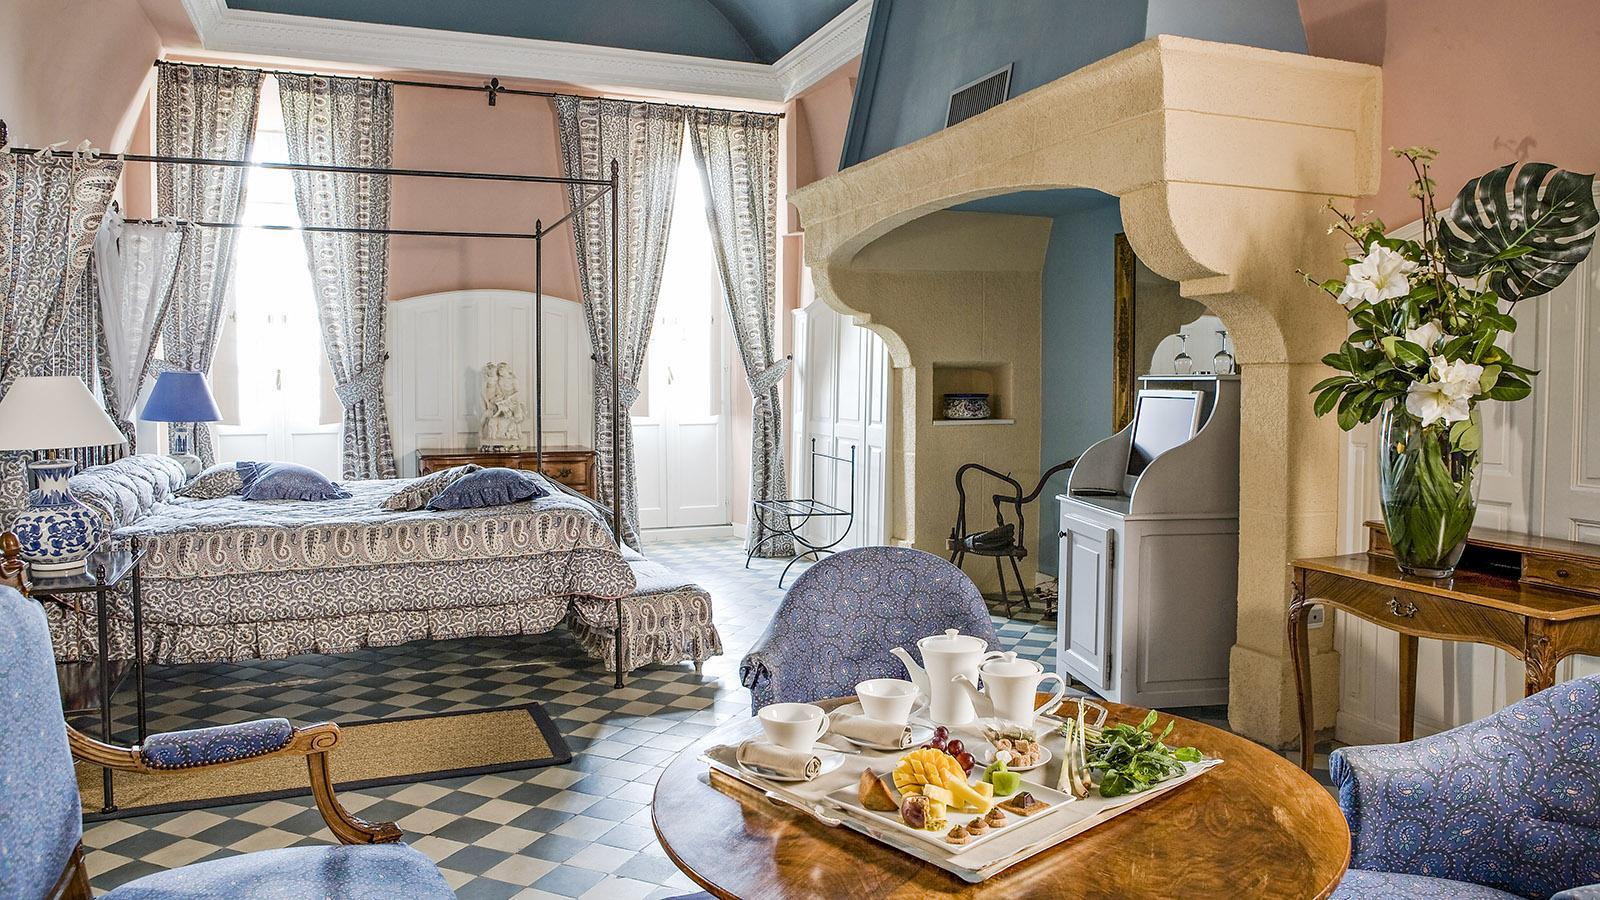 Kamin im Schlafzimmer.des Château de RoChâteau de Rochegude: Schlafzimmer mit Kamin und Himmelbett Foto: Pressebild des Château de Rochegude